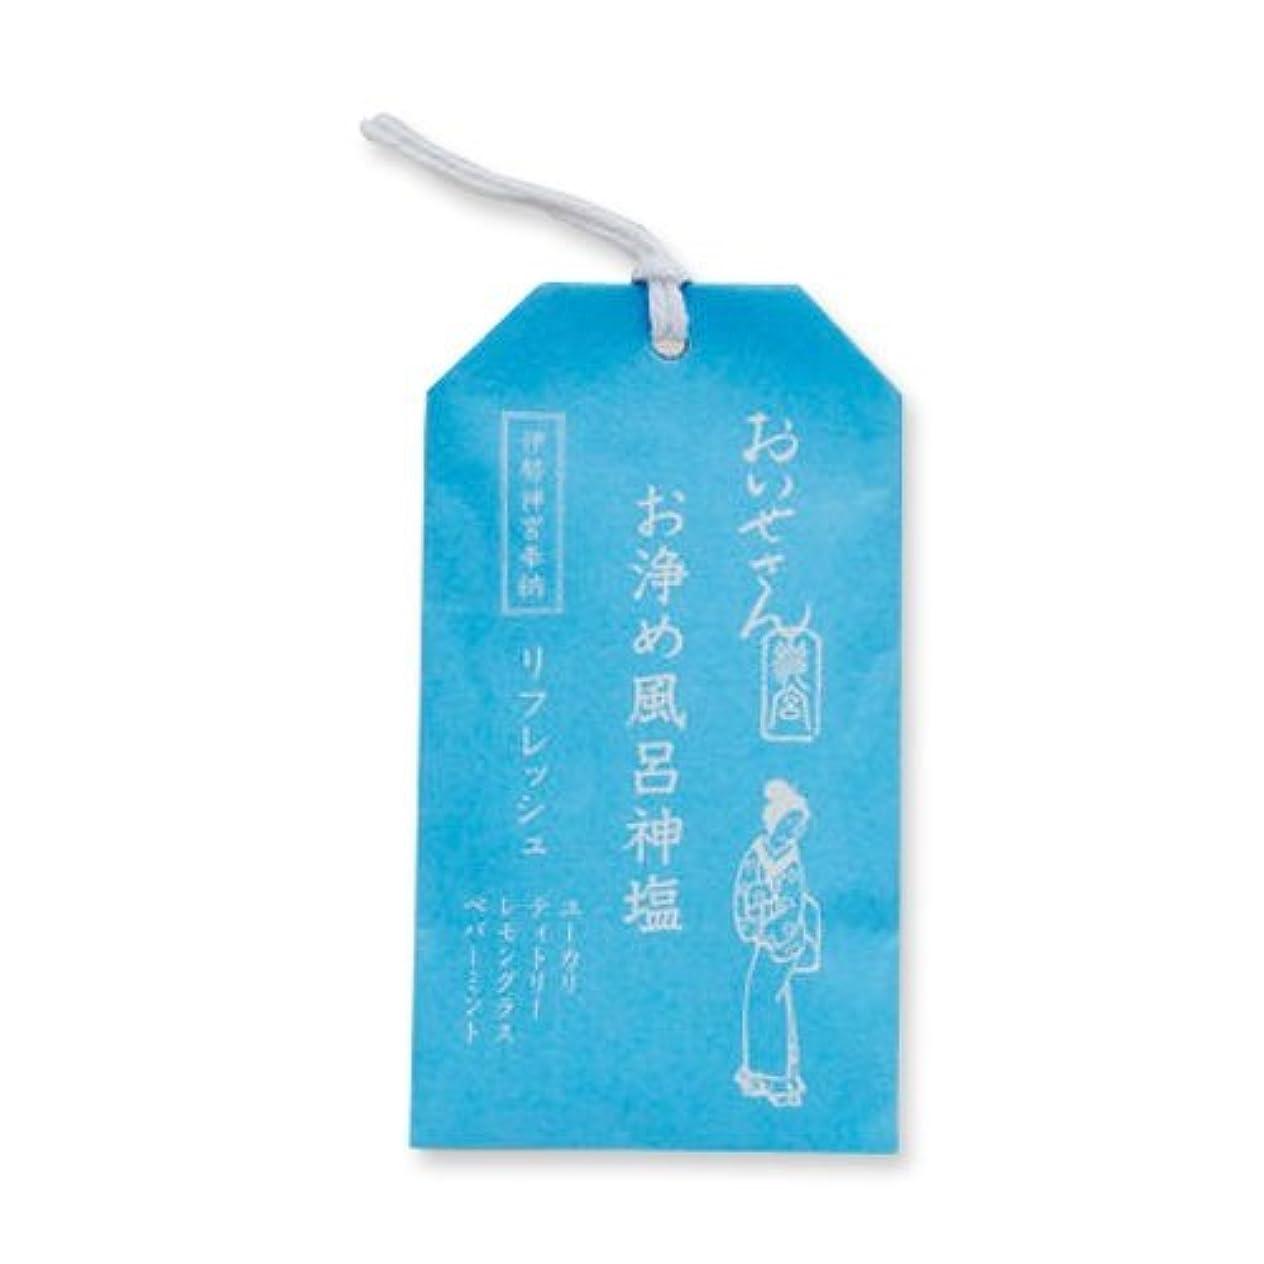 工業用発行する篭おいせさん お浄め風呂神塩 バス用ソルト(リフレッシュ) 20g